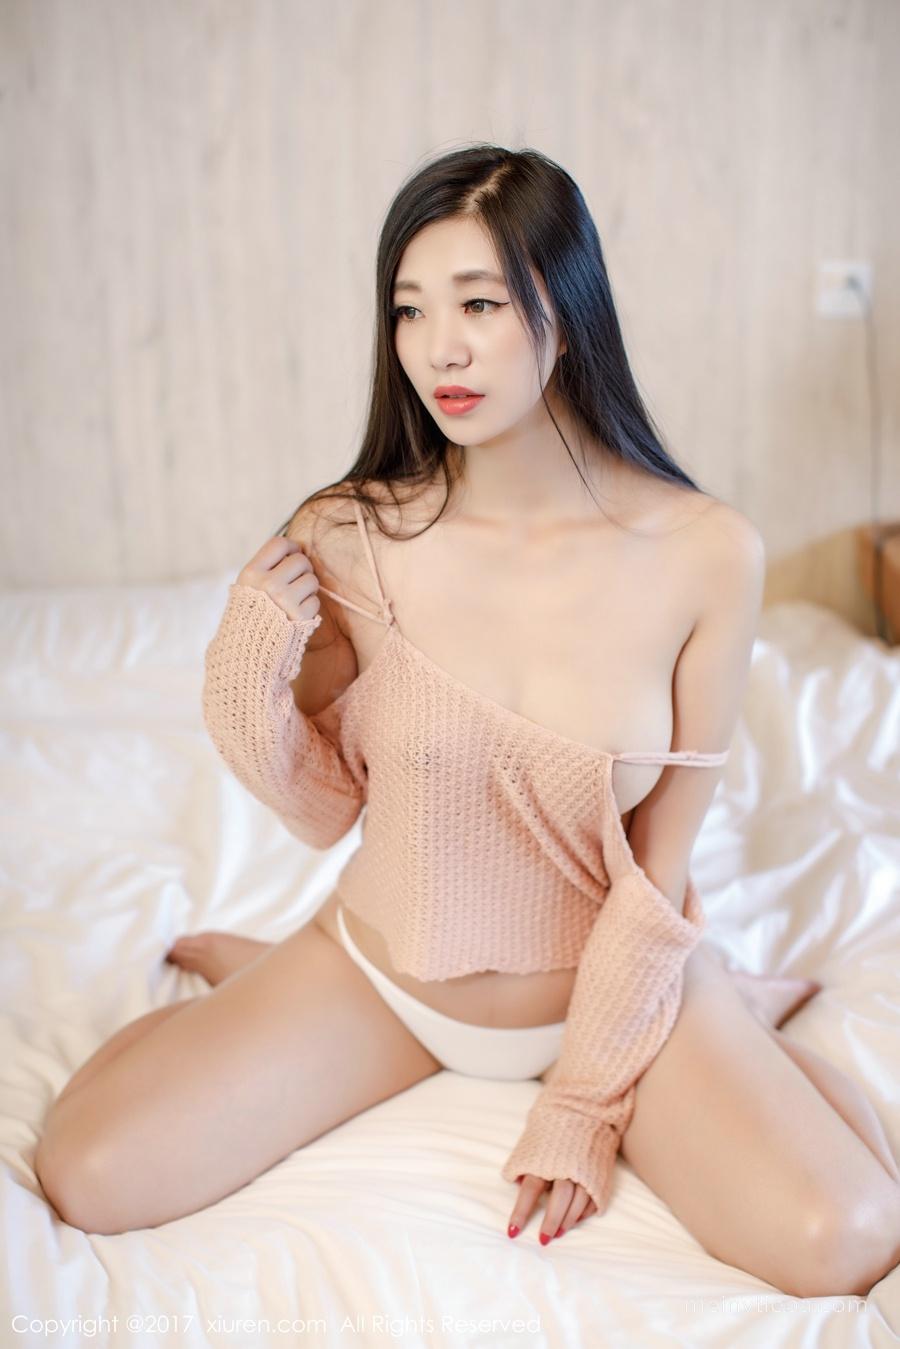 性感毛衣下好身材藏不住